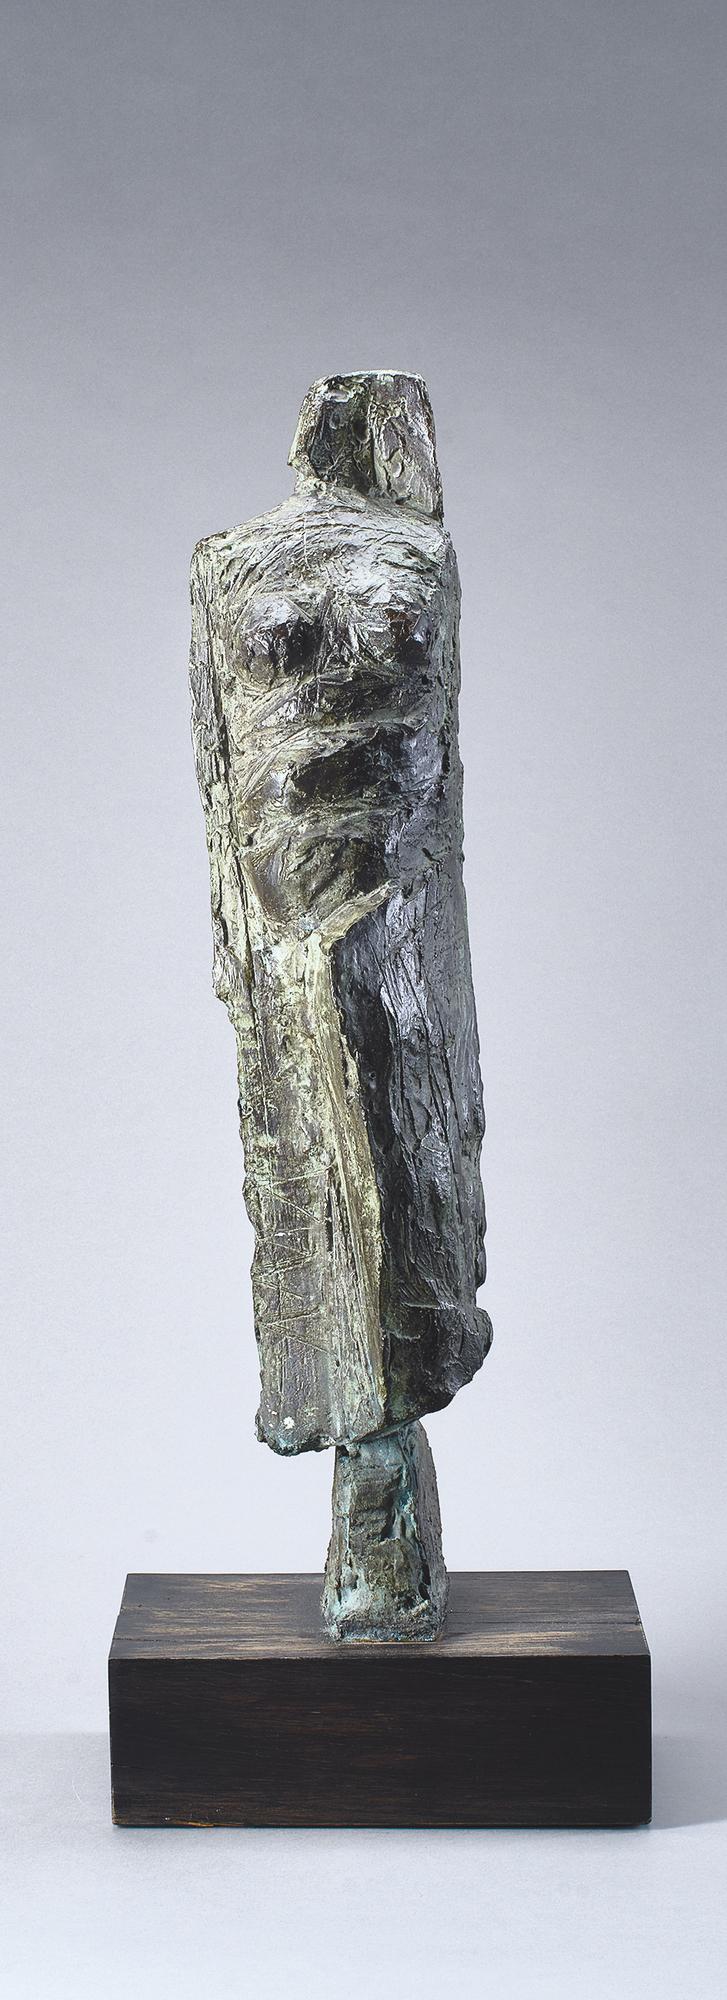 Soldini Ivo, Figura verticale